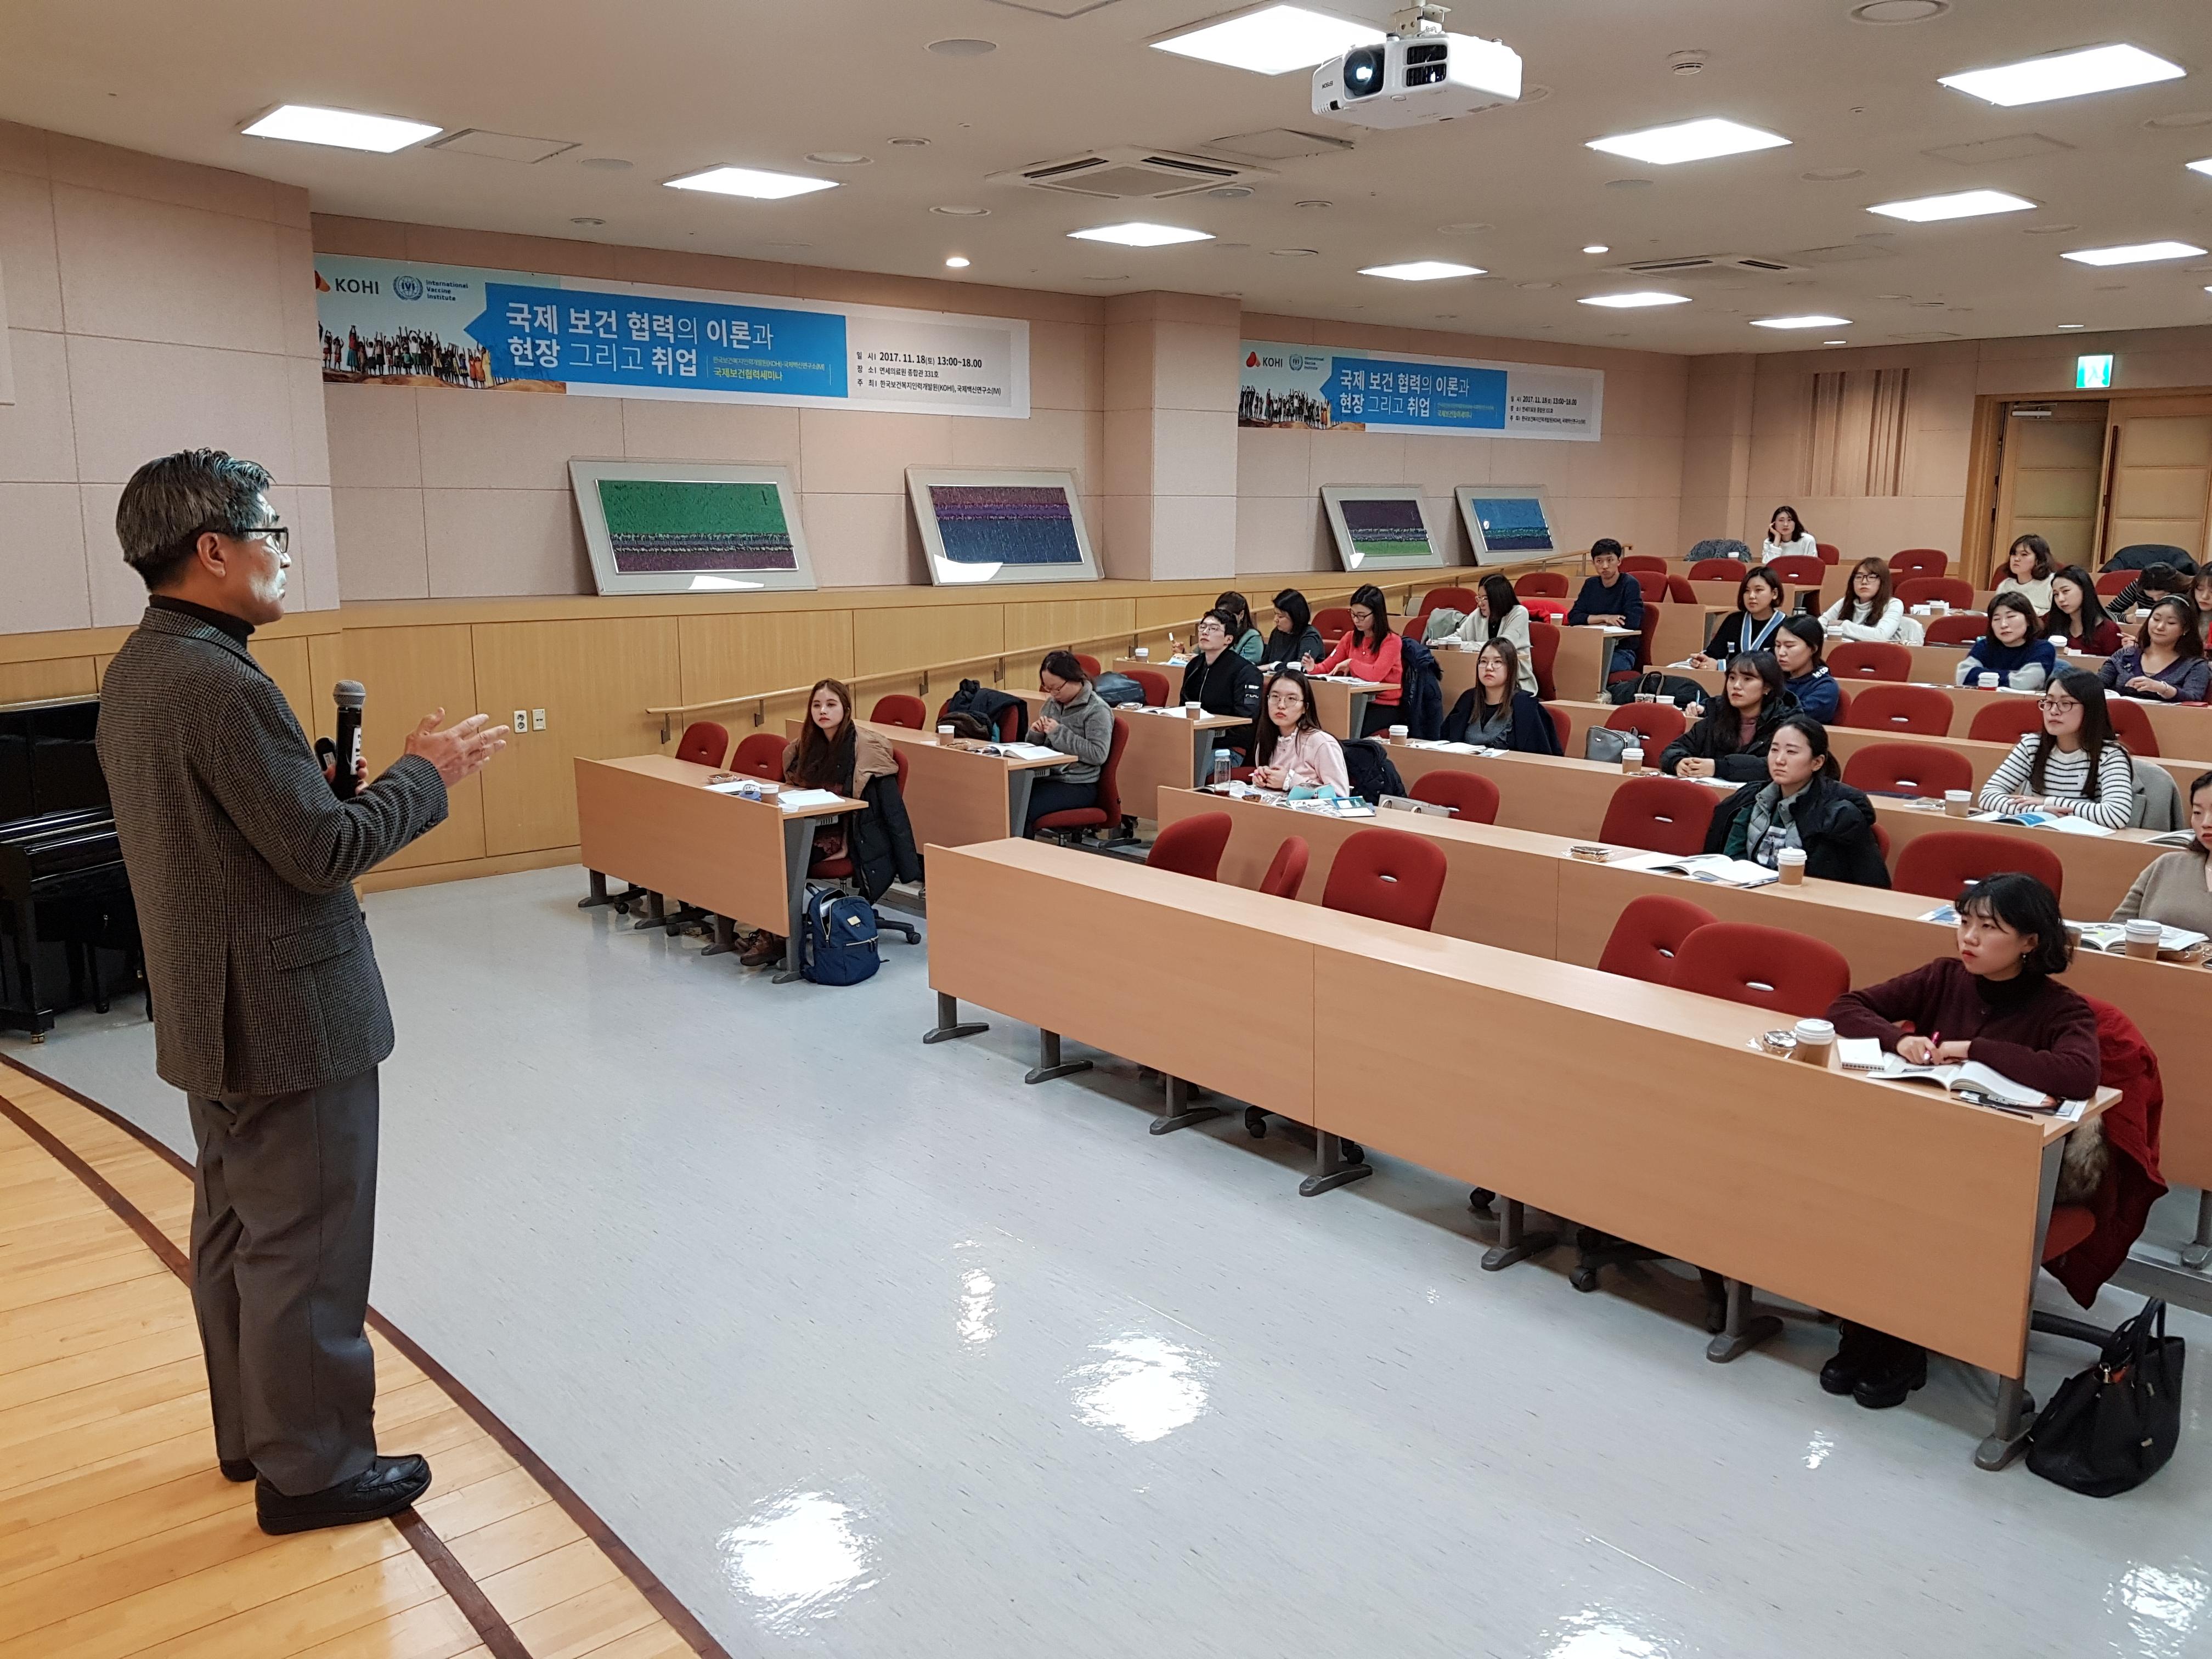 연세대 IVI 국제기구 특강 사진4.jpg